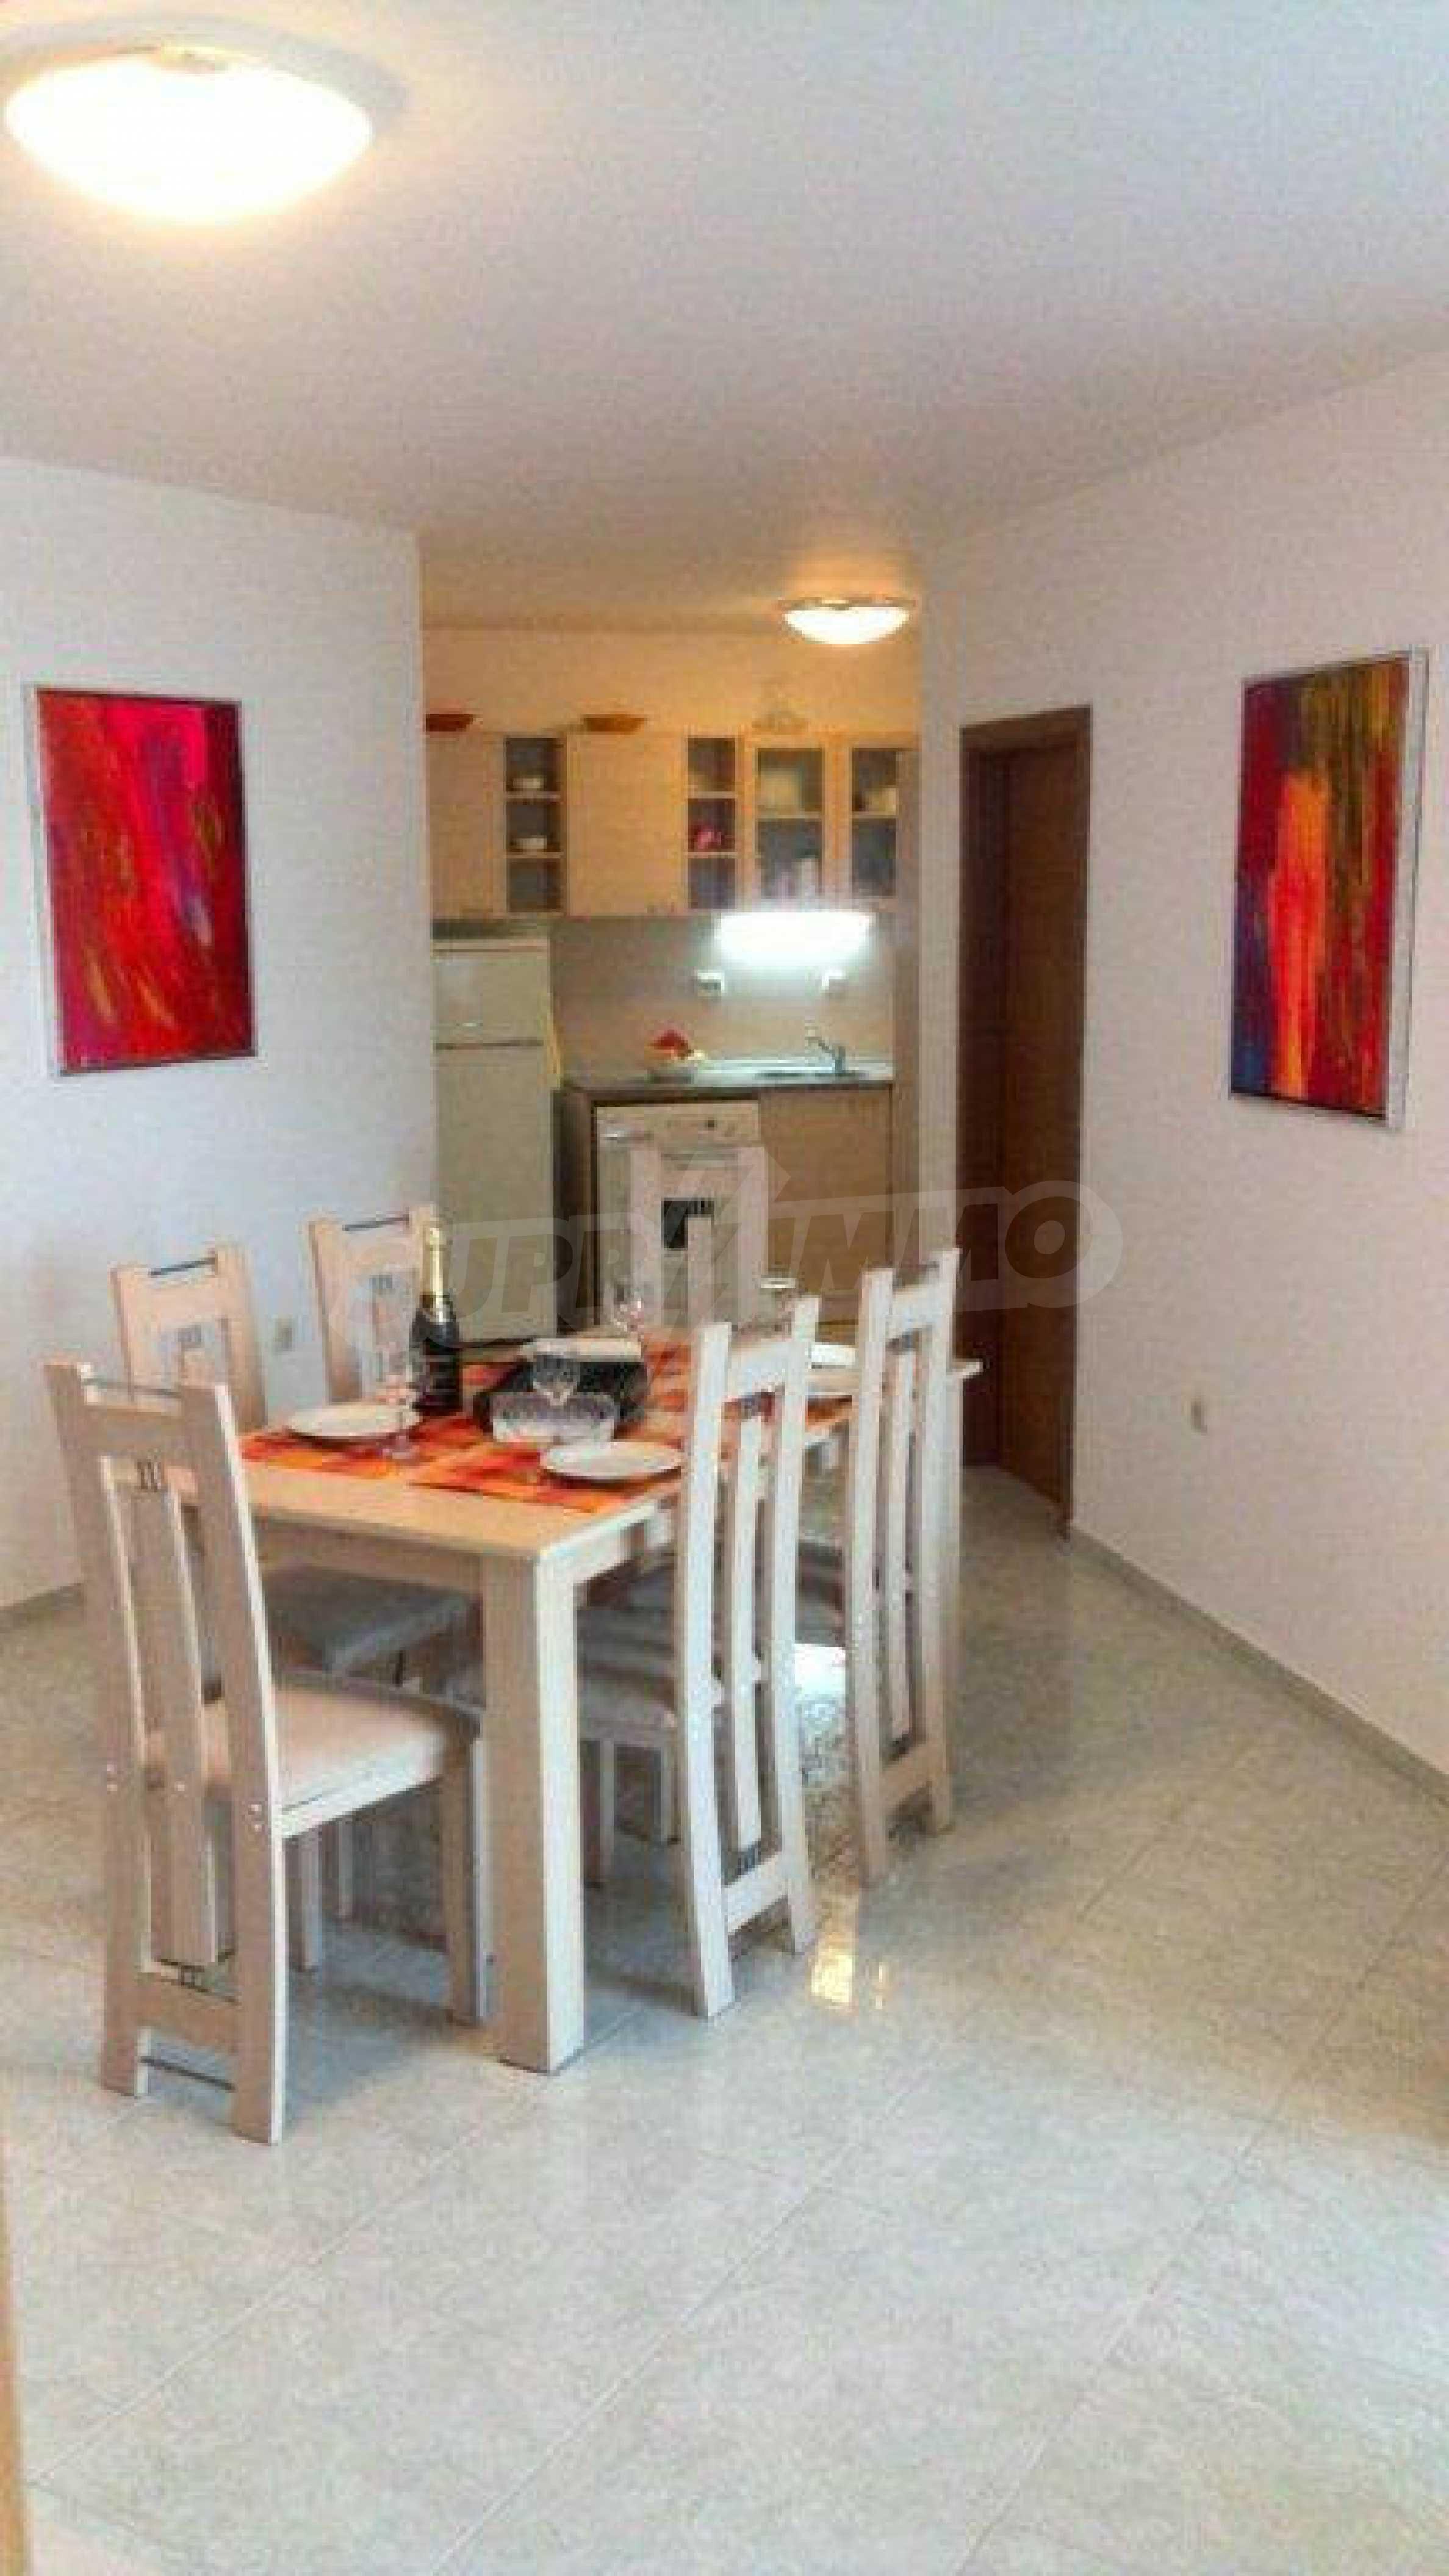 Luxus-Apartment mit zwei Schlafzimmern im Komplex Prestige City 2 in Primorsko 2